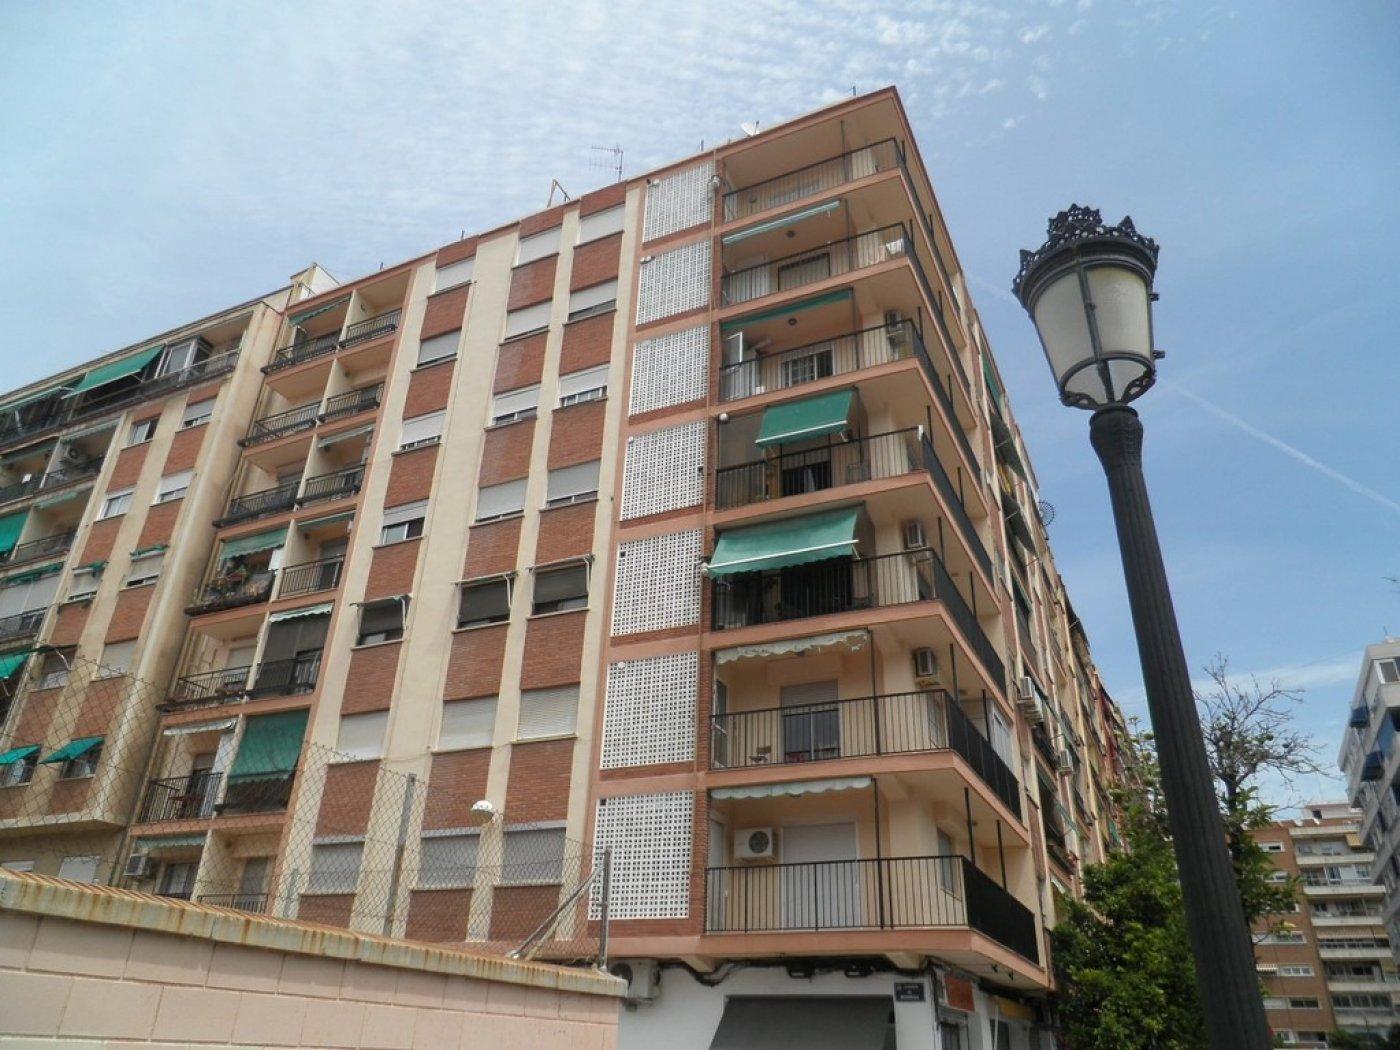 Oportunidad de vivienda reformada en finca con ascensor  y garaje incluido - imagenInmueble0